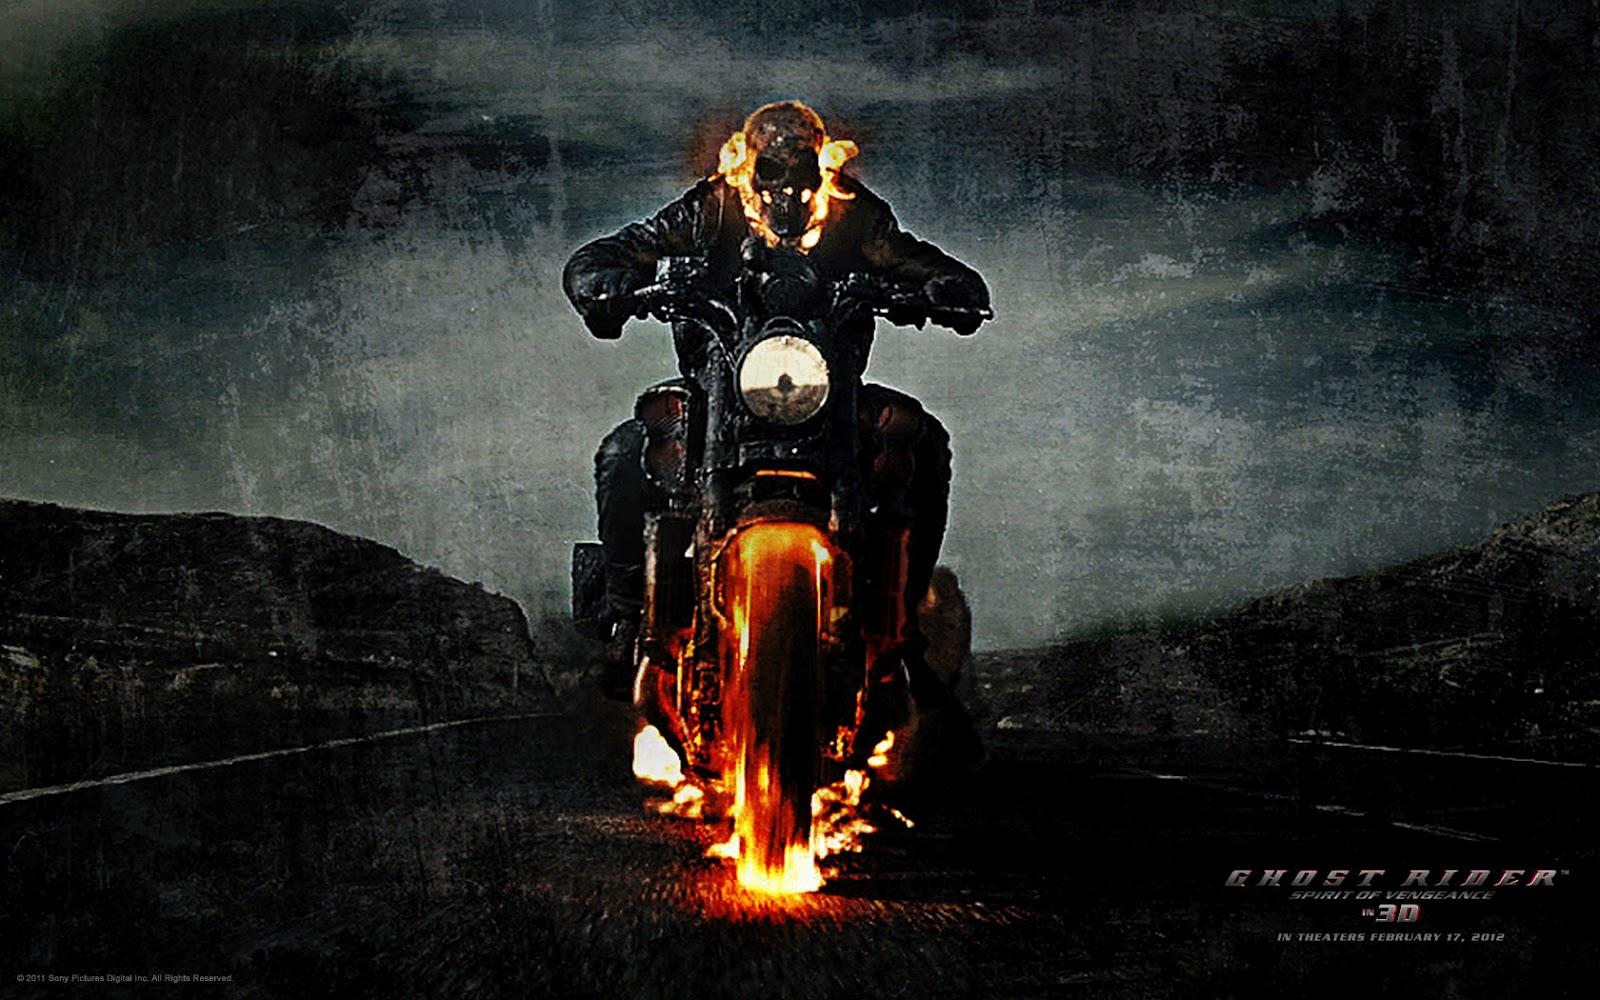 http://3.bp.blogspot.com/-2iHOizZMCcQ/TyzFmPuLODI/AAAAAAAABD8/G2wh42EUHkg/s1600/Ghost+Rider+Spirit+of+Vengeance%7Bfreehqwallpapers.blogspot.com%7D+%2814%29.jpg